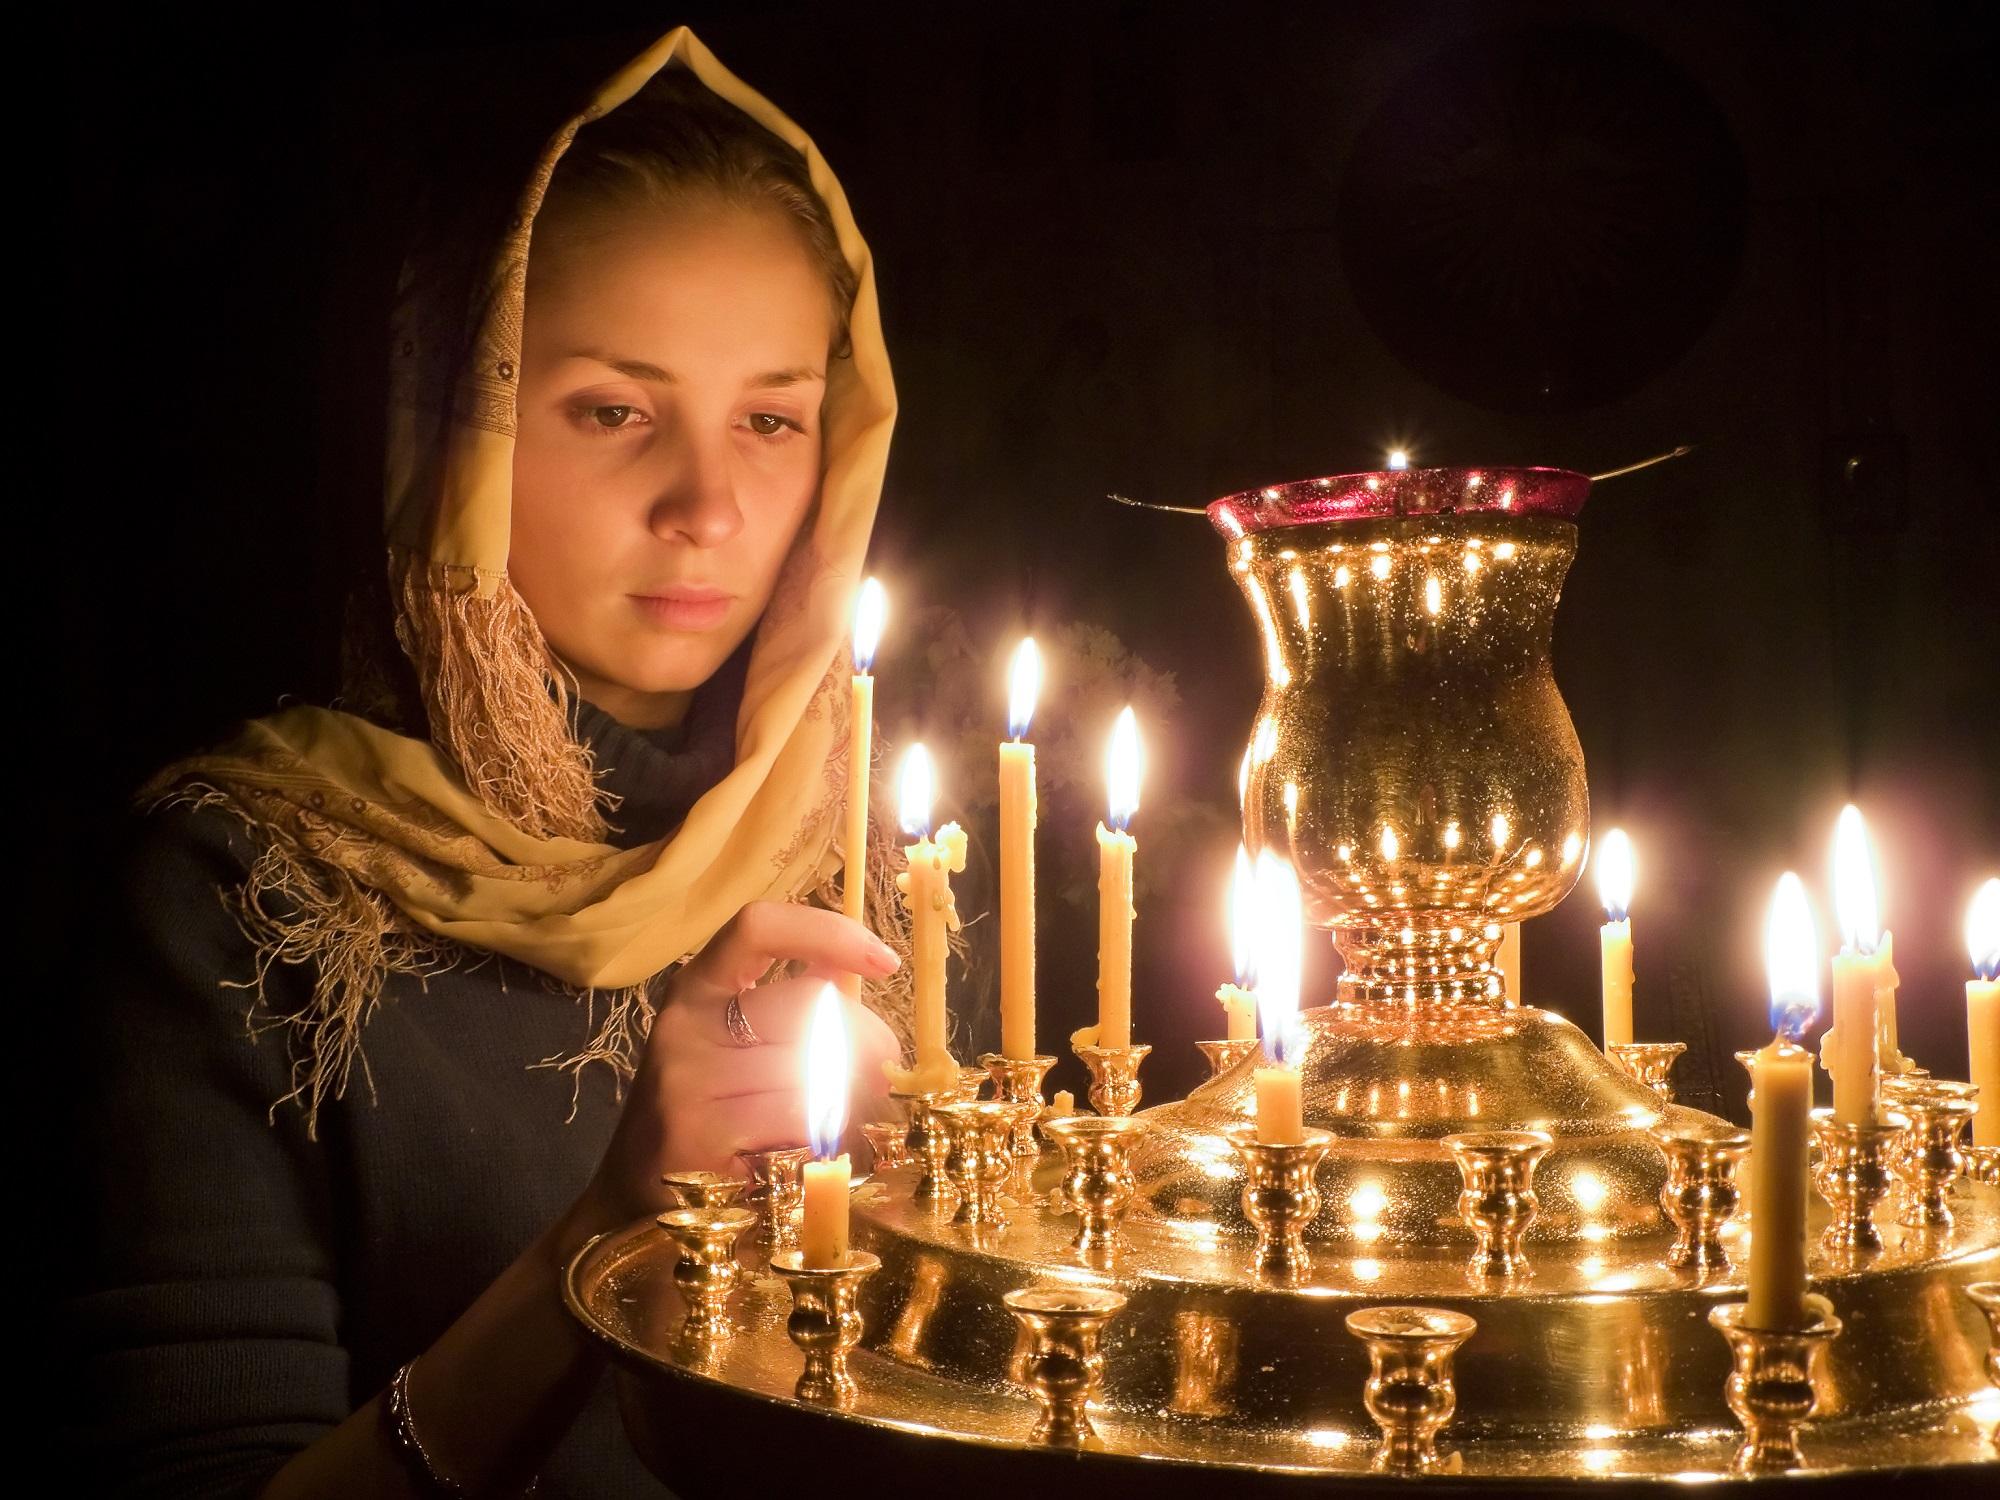 Церковные праздники февраль 2018. Источник фото: Shutterstock